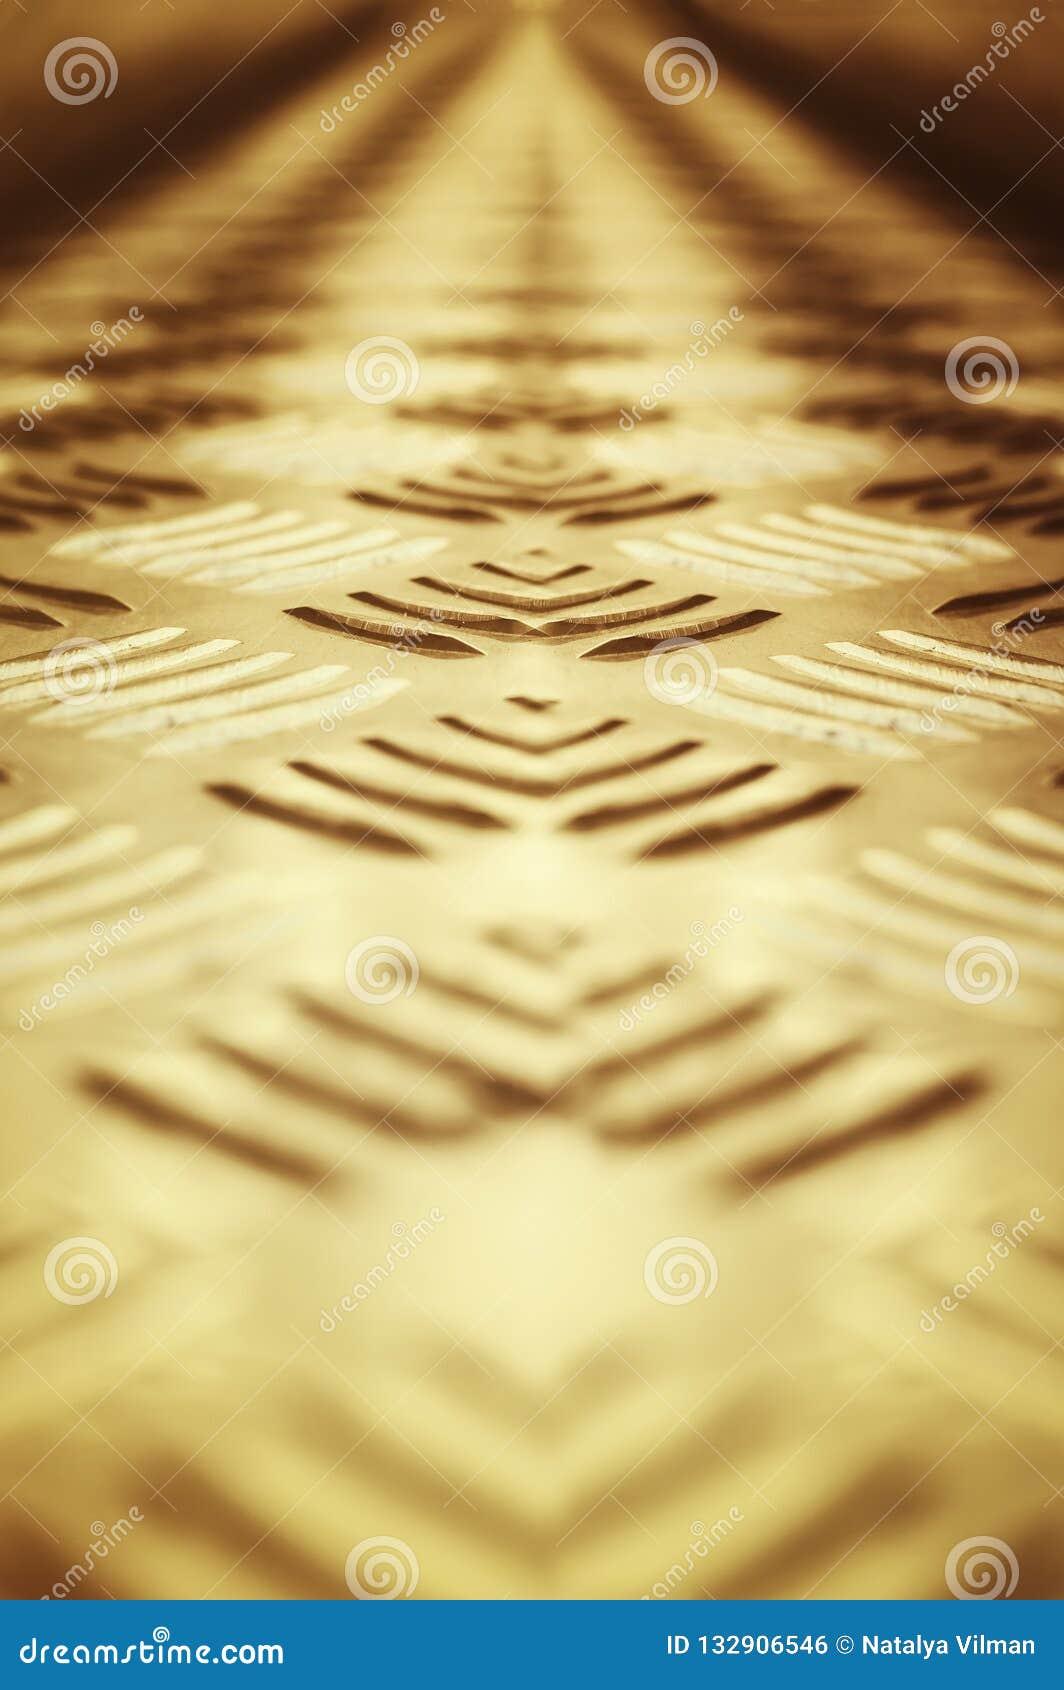 Hintergrund des Metalls mit einem wiederholenden Muster der Bronzefarbe Nahaufnahme, selektiver Fokus